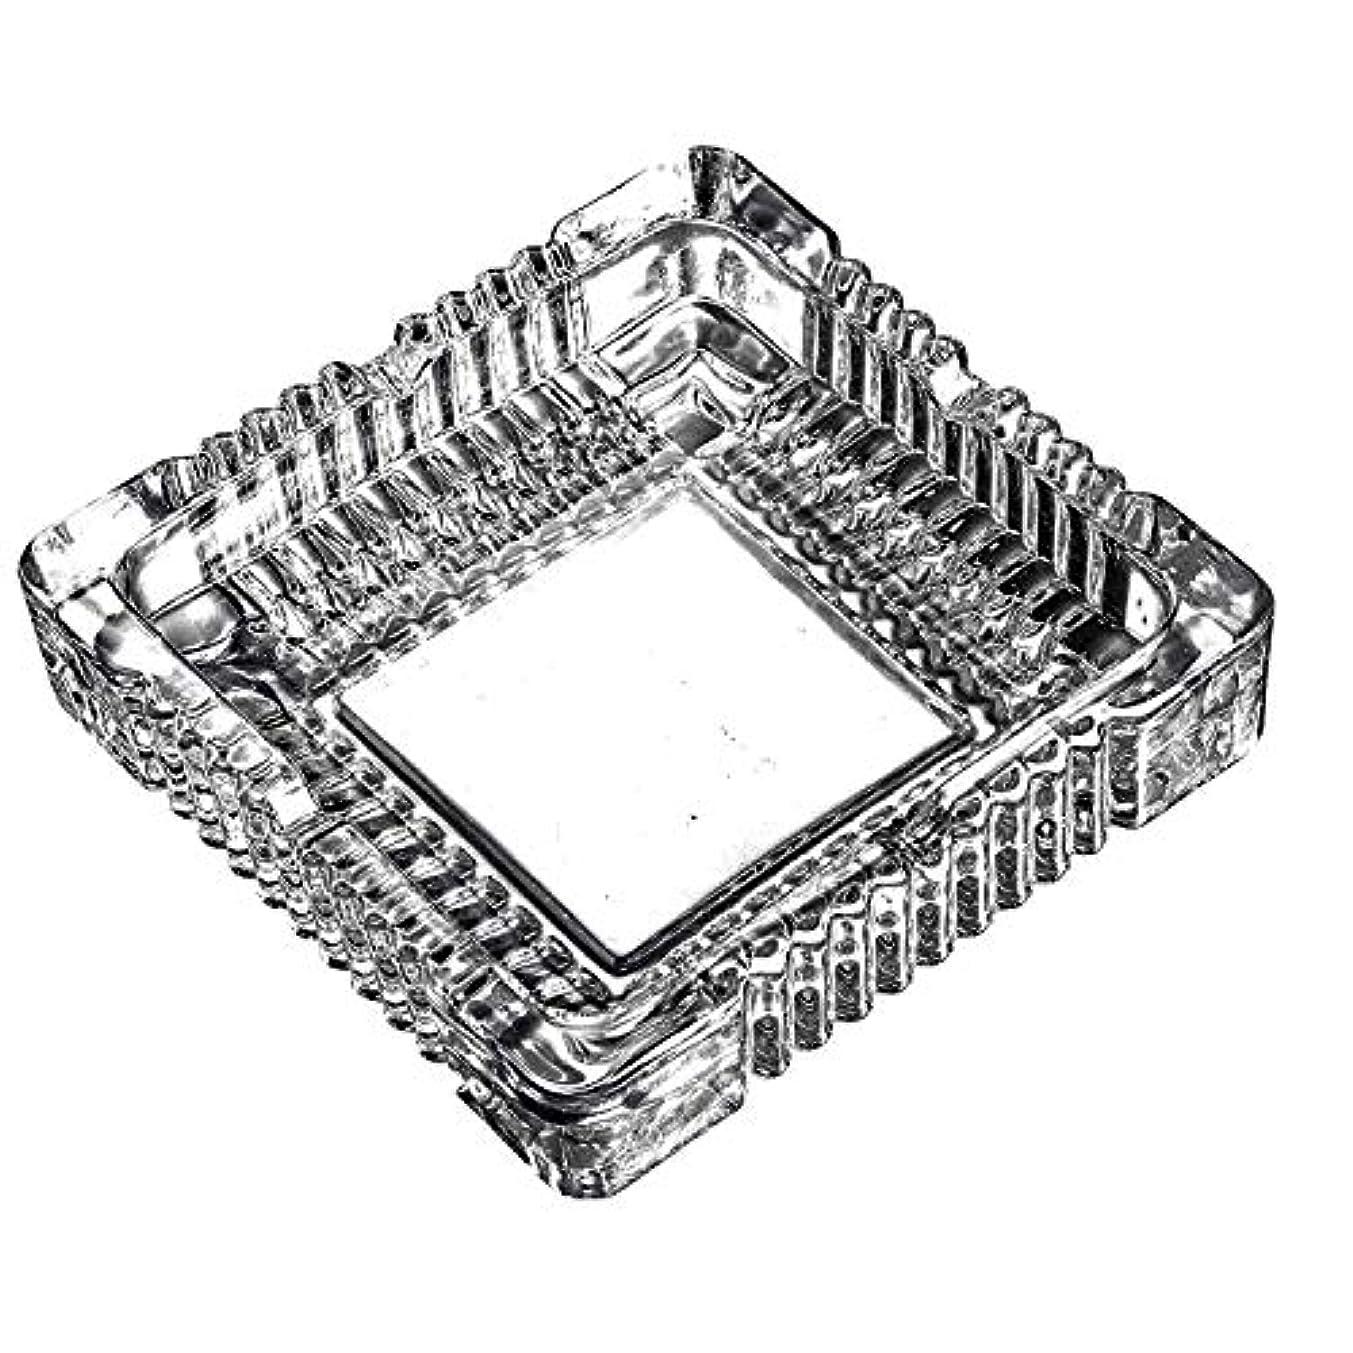 疑い非常に便利さクリスタルラージクラシックスクエア灰皿5.9インチx 5.9インチ